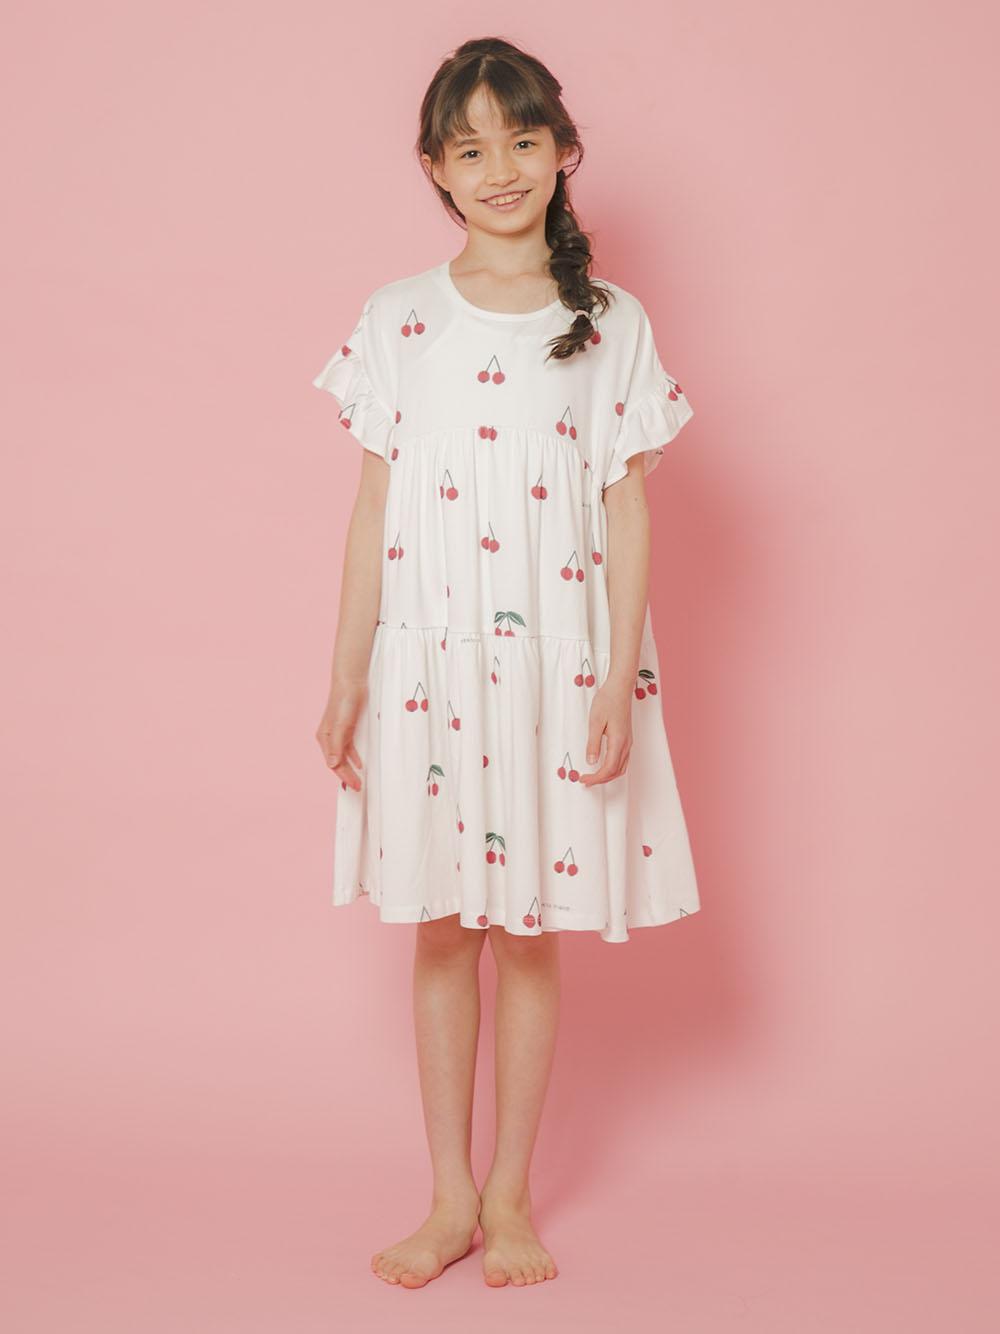 【オフィシャルオンラインストア限定】【junior】チェリー柄ドレス   PJCO212493